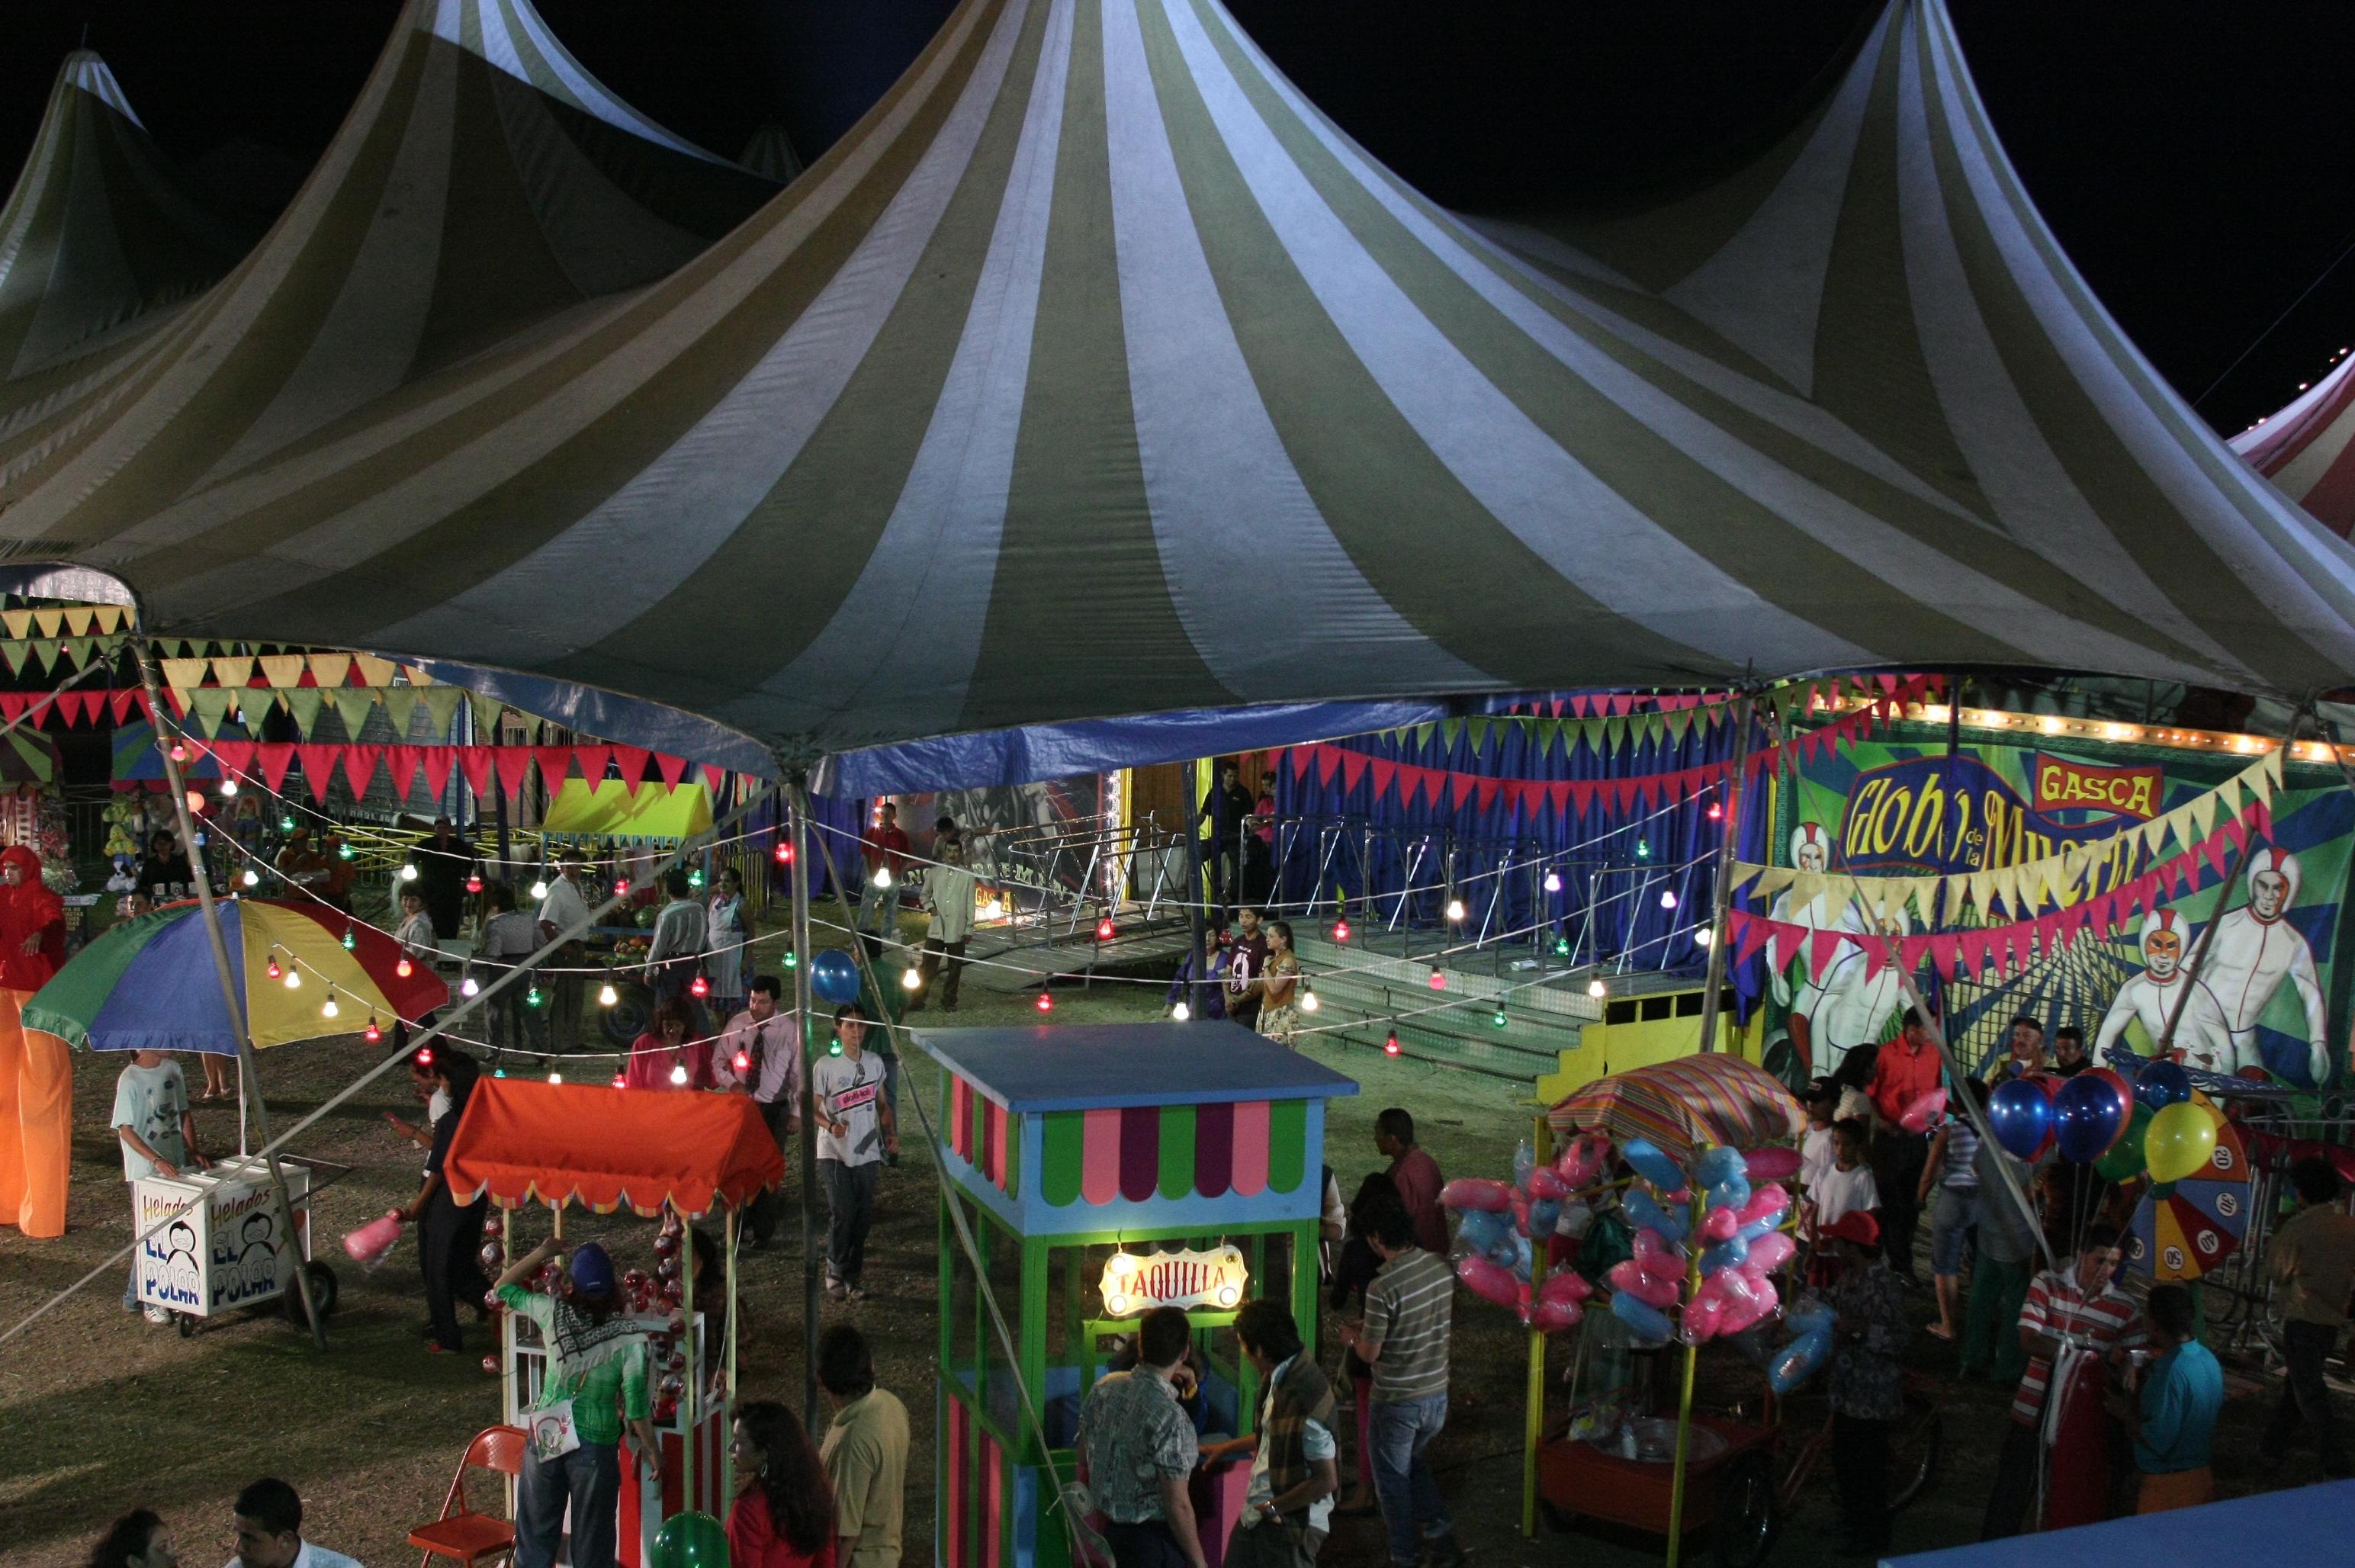 Circo 80s